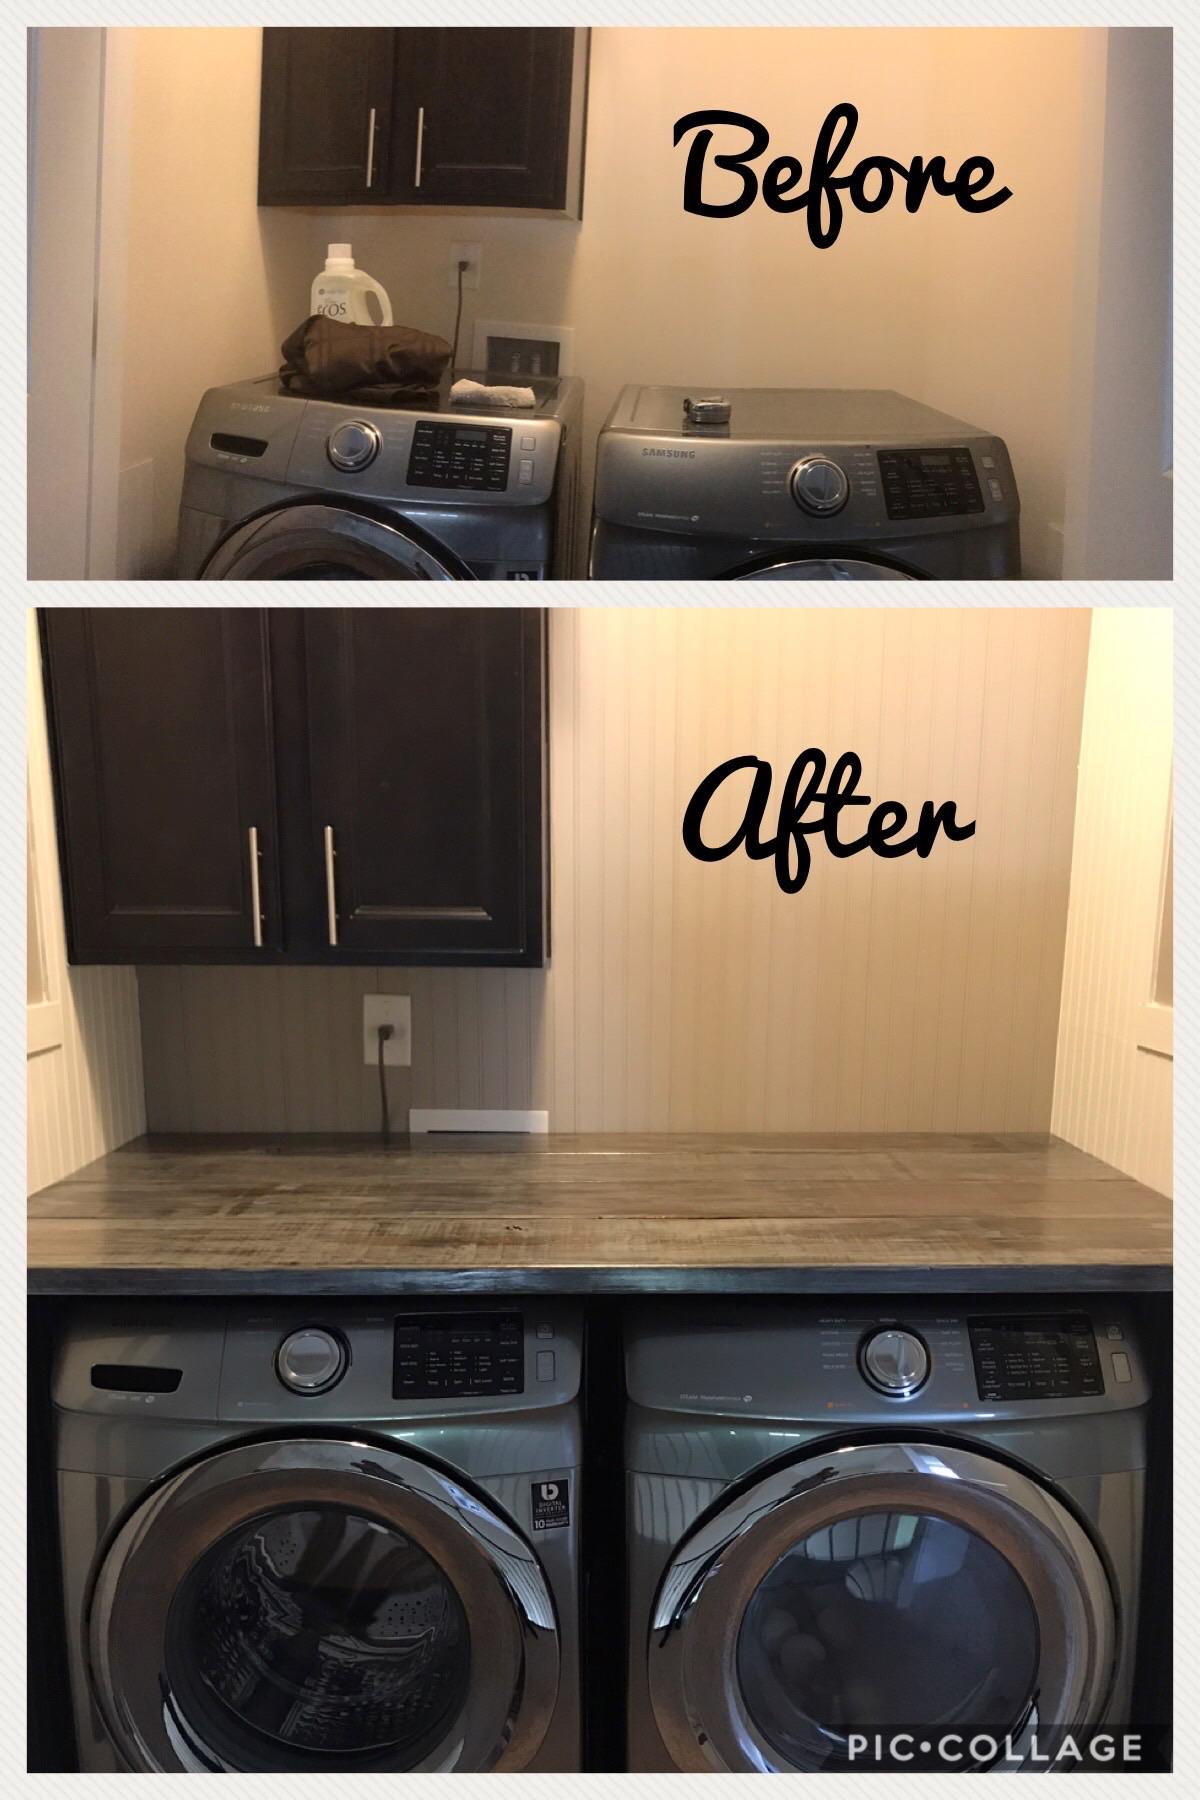 Laundry Room Makeover Laundry Room Makeover DrawBuildPlay  Home Decor Blogger DIY Home Decor Ideas drawbu